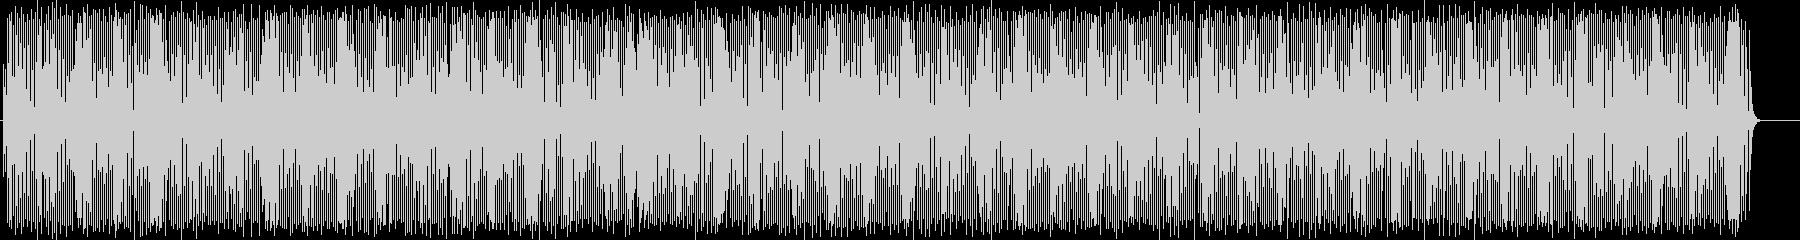 クッキング-雑談-CM-可愛い-おもちゃの未再生の波形